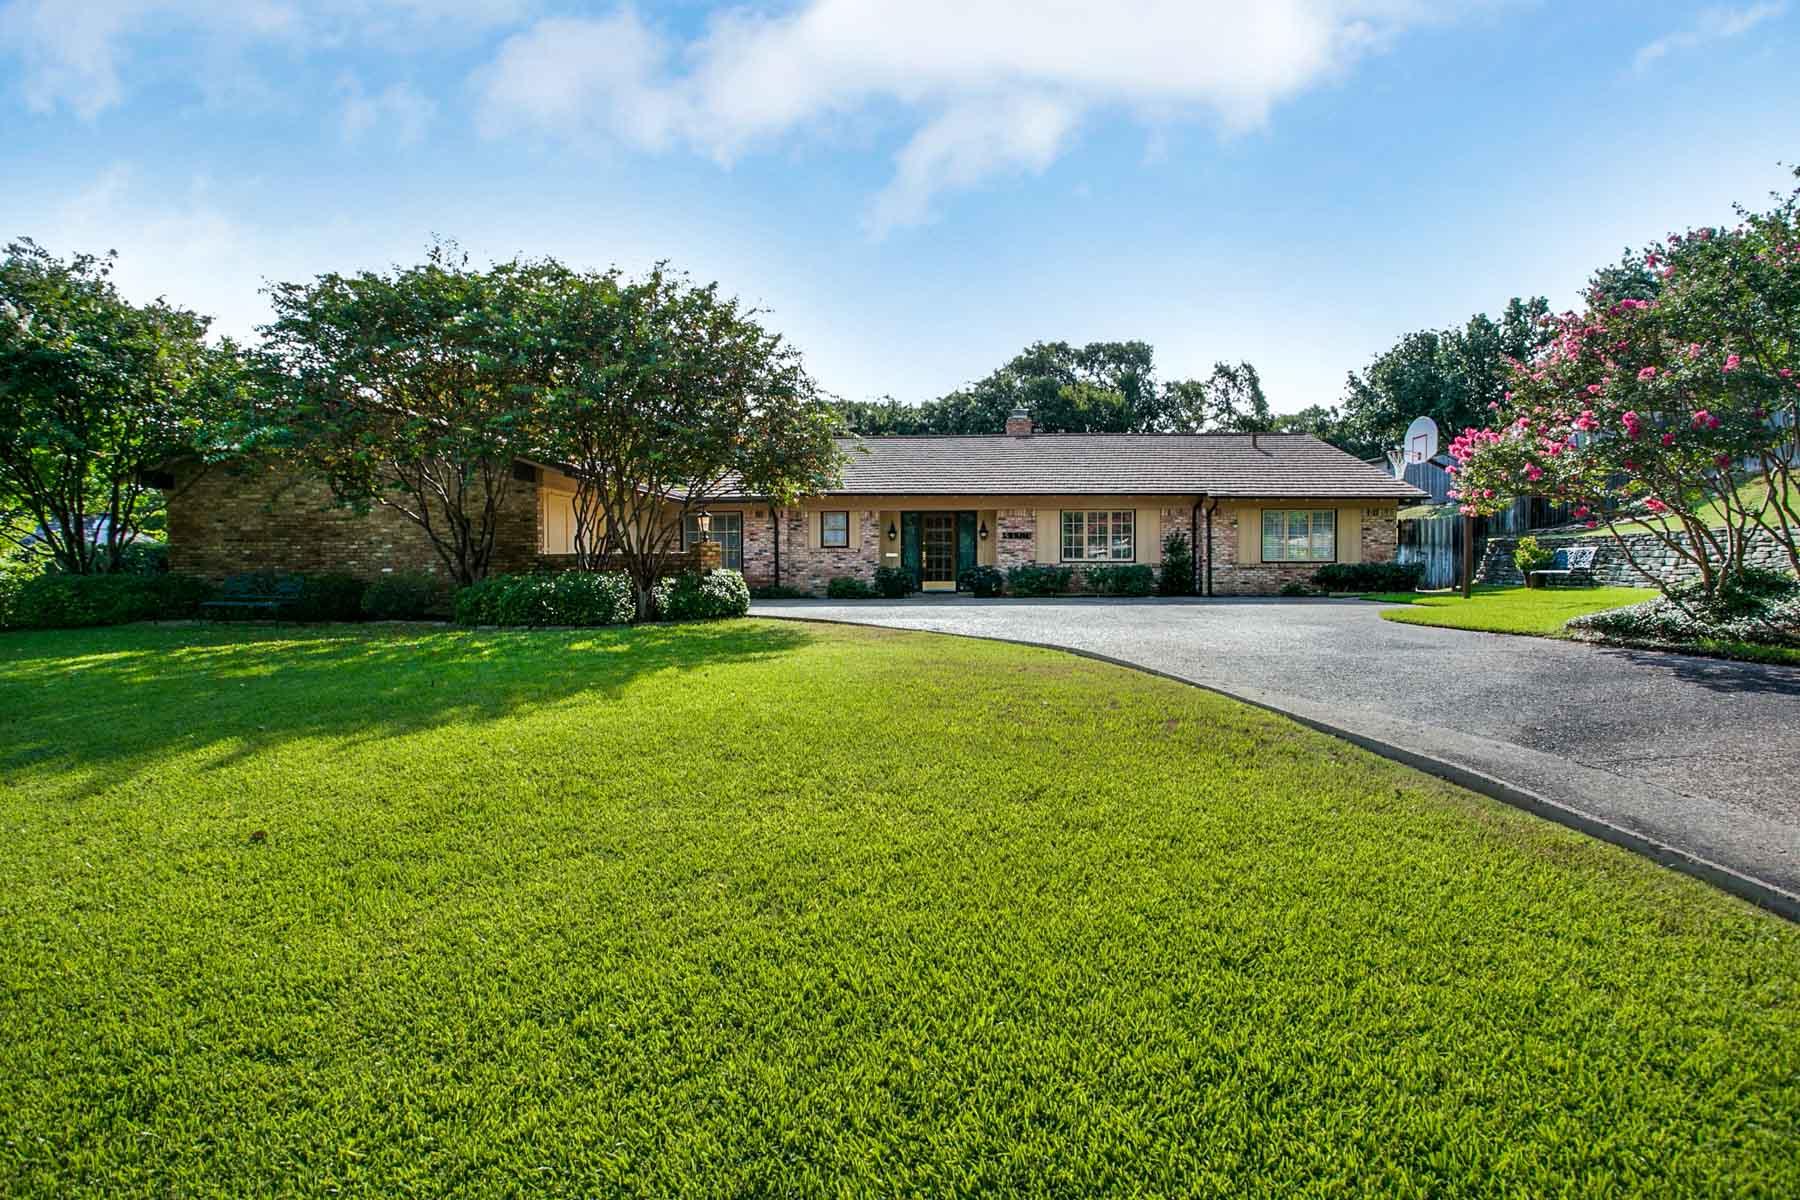 Casa Unifamiliar por un Venta en 4109 Sarita Drive, Fort Worth Fort Worth, Texas, 76109 Estados Unidos